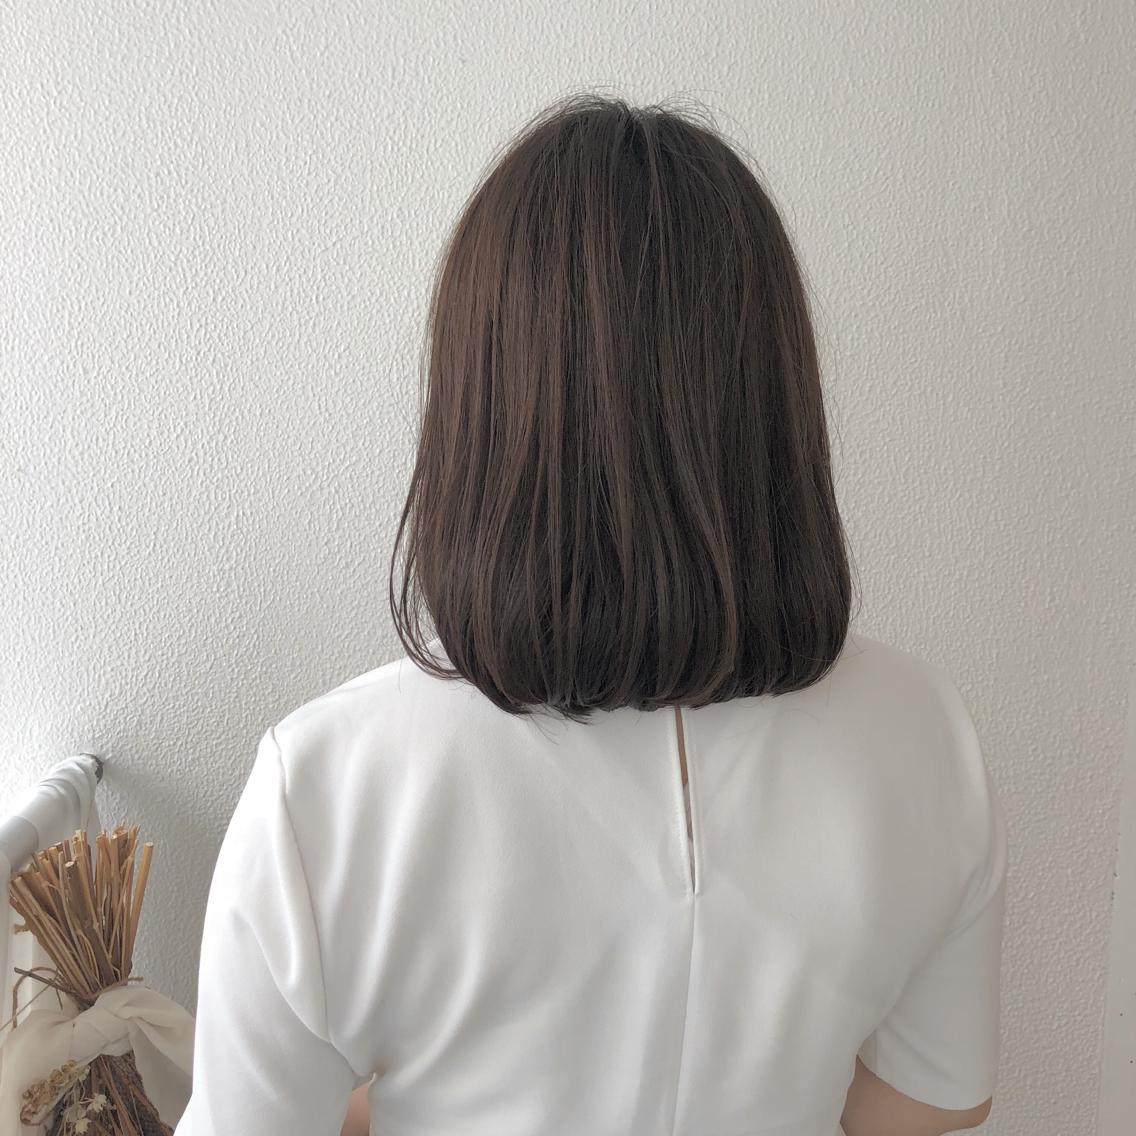 #ショート #カラー #パーマ #ヘアアレンジ 【natural bob】  Instagramにもヘアスタイル載せてますので是非♪♪  https://instagram.com/yuuki_matsui_/